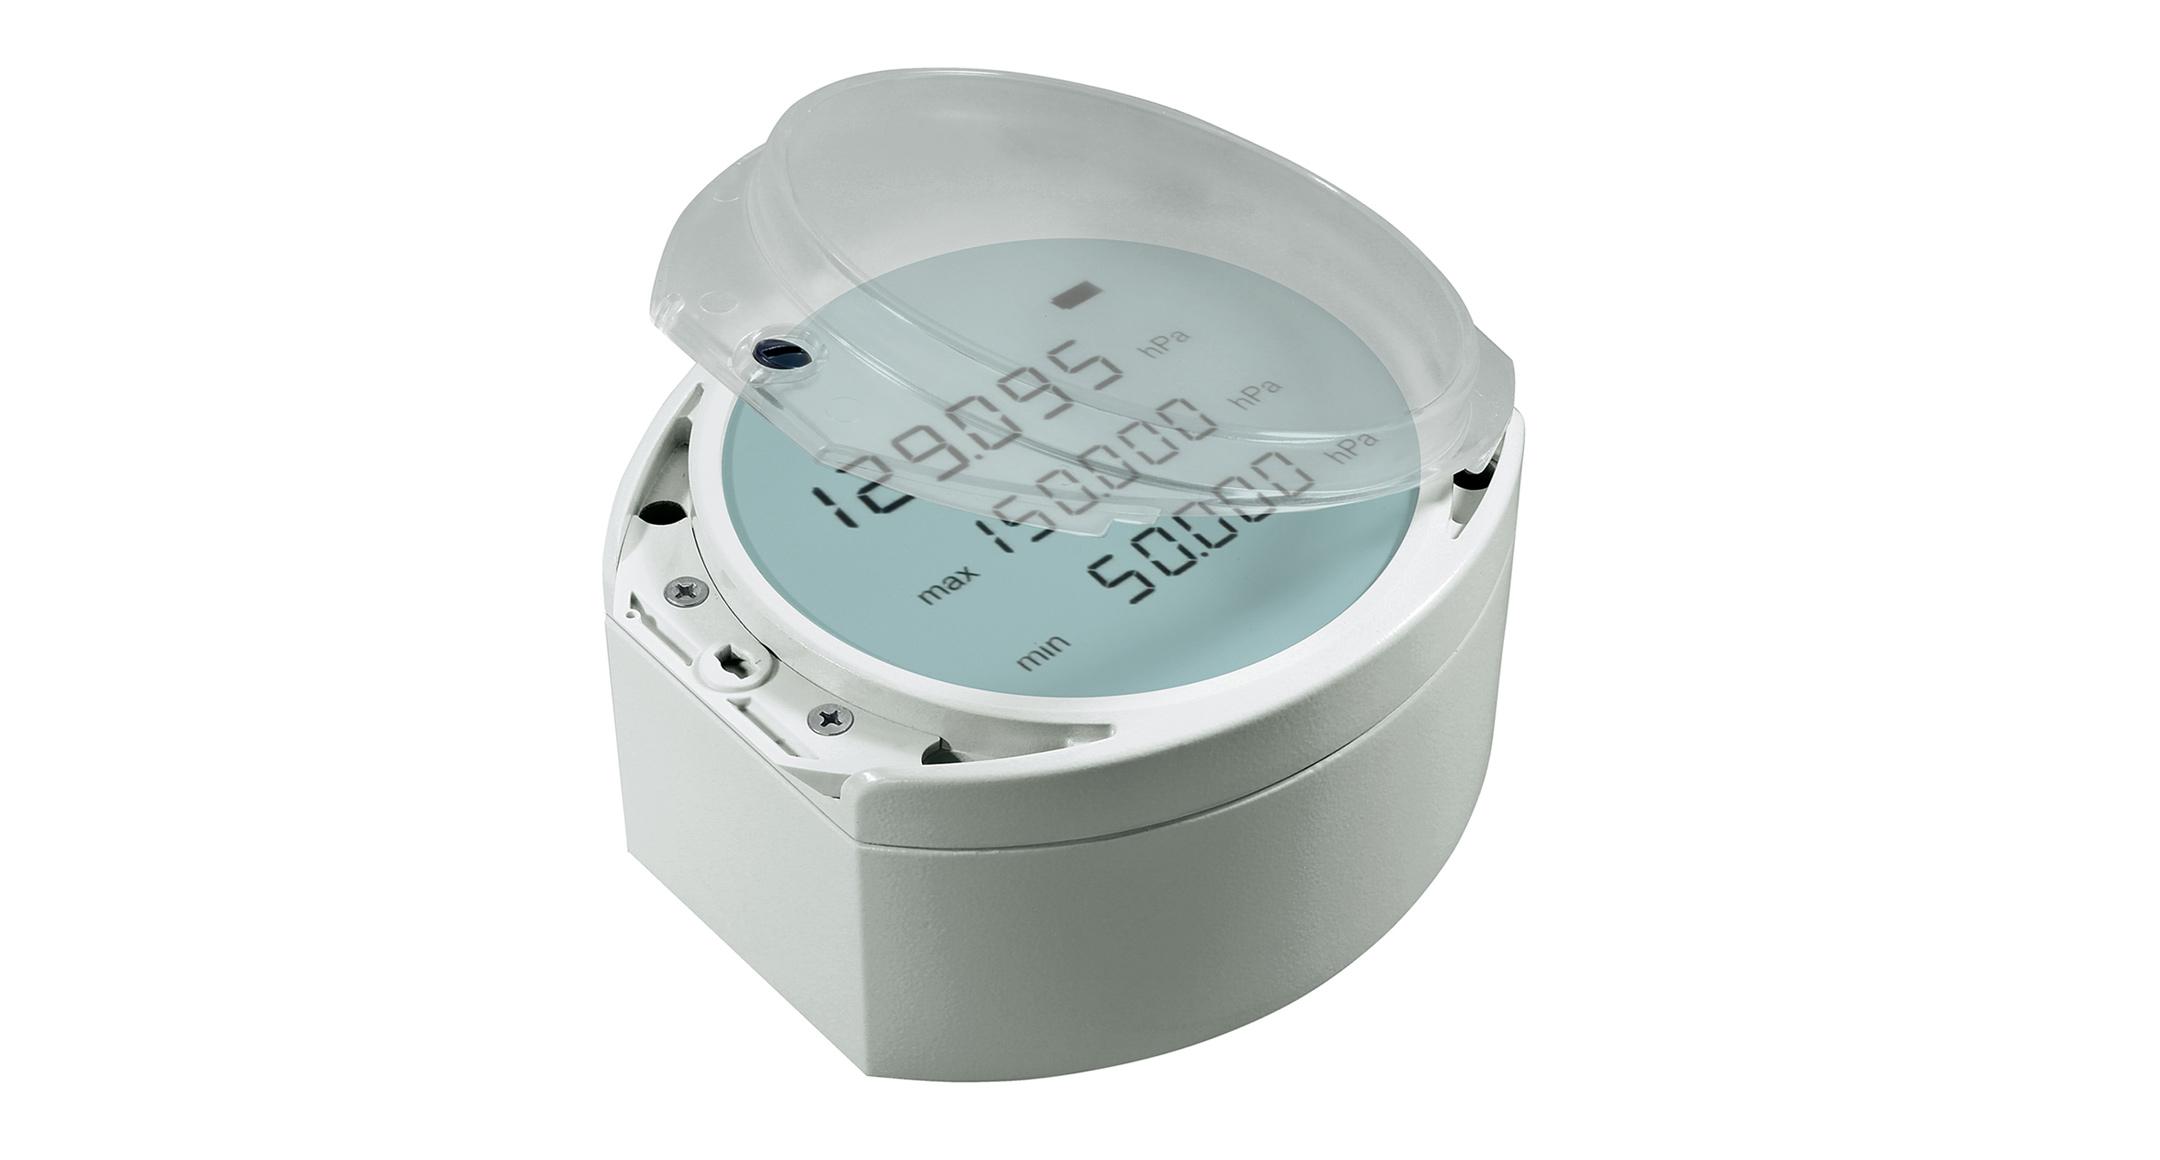 円形防水アルミダイキャストボックス ARシリーズの画像